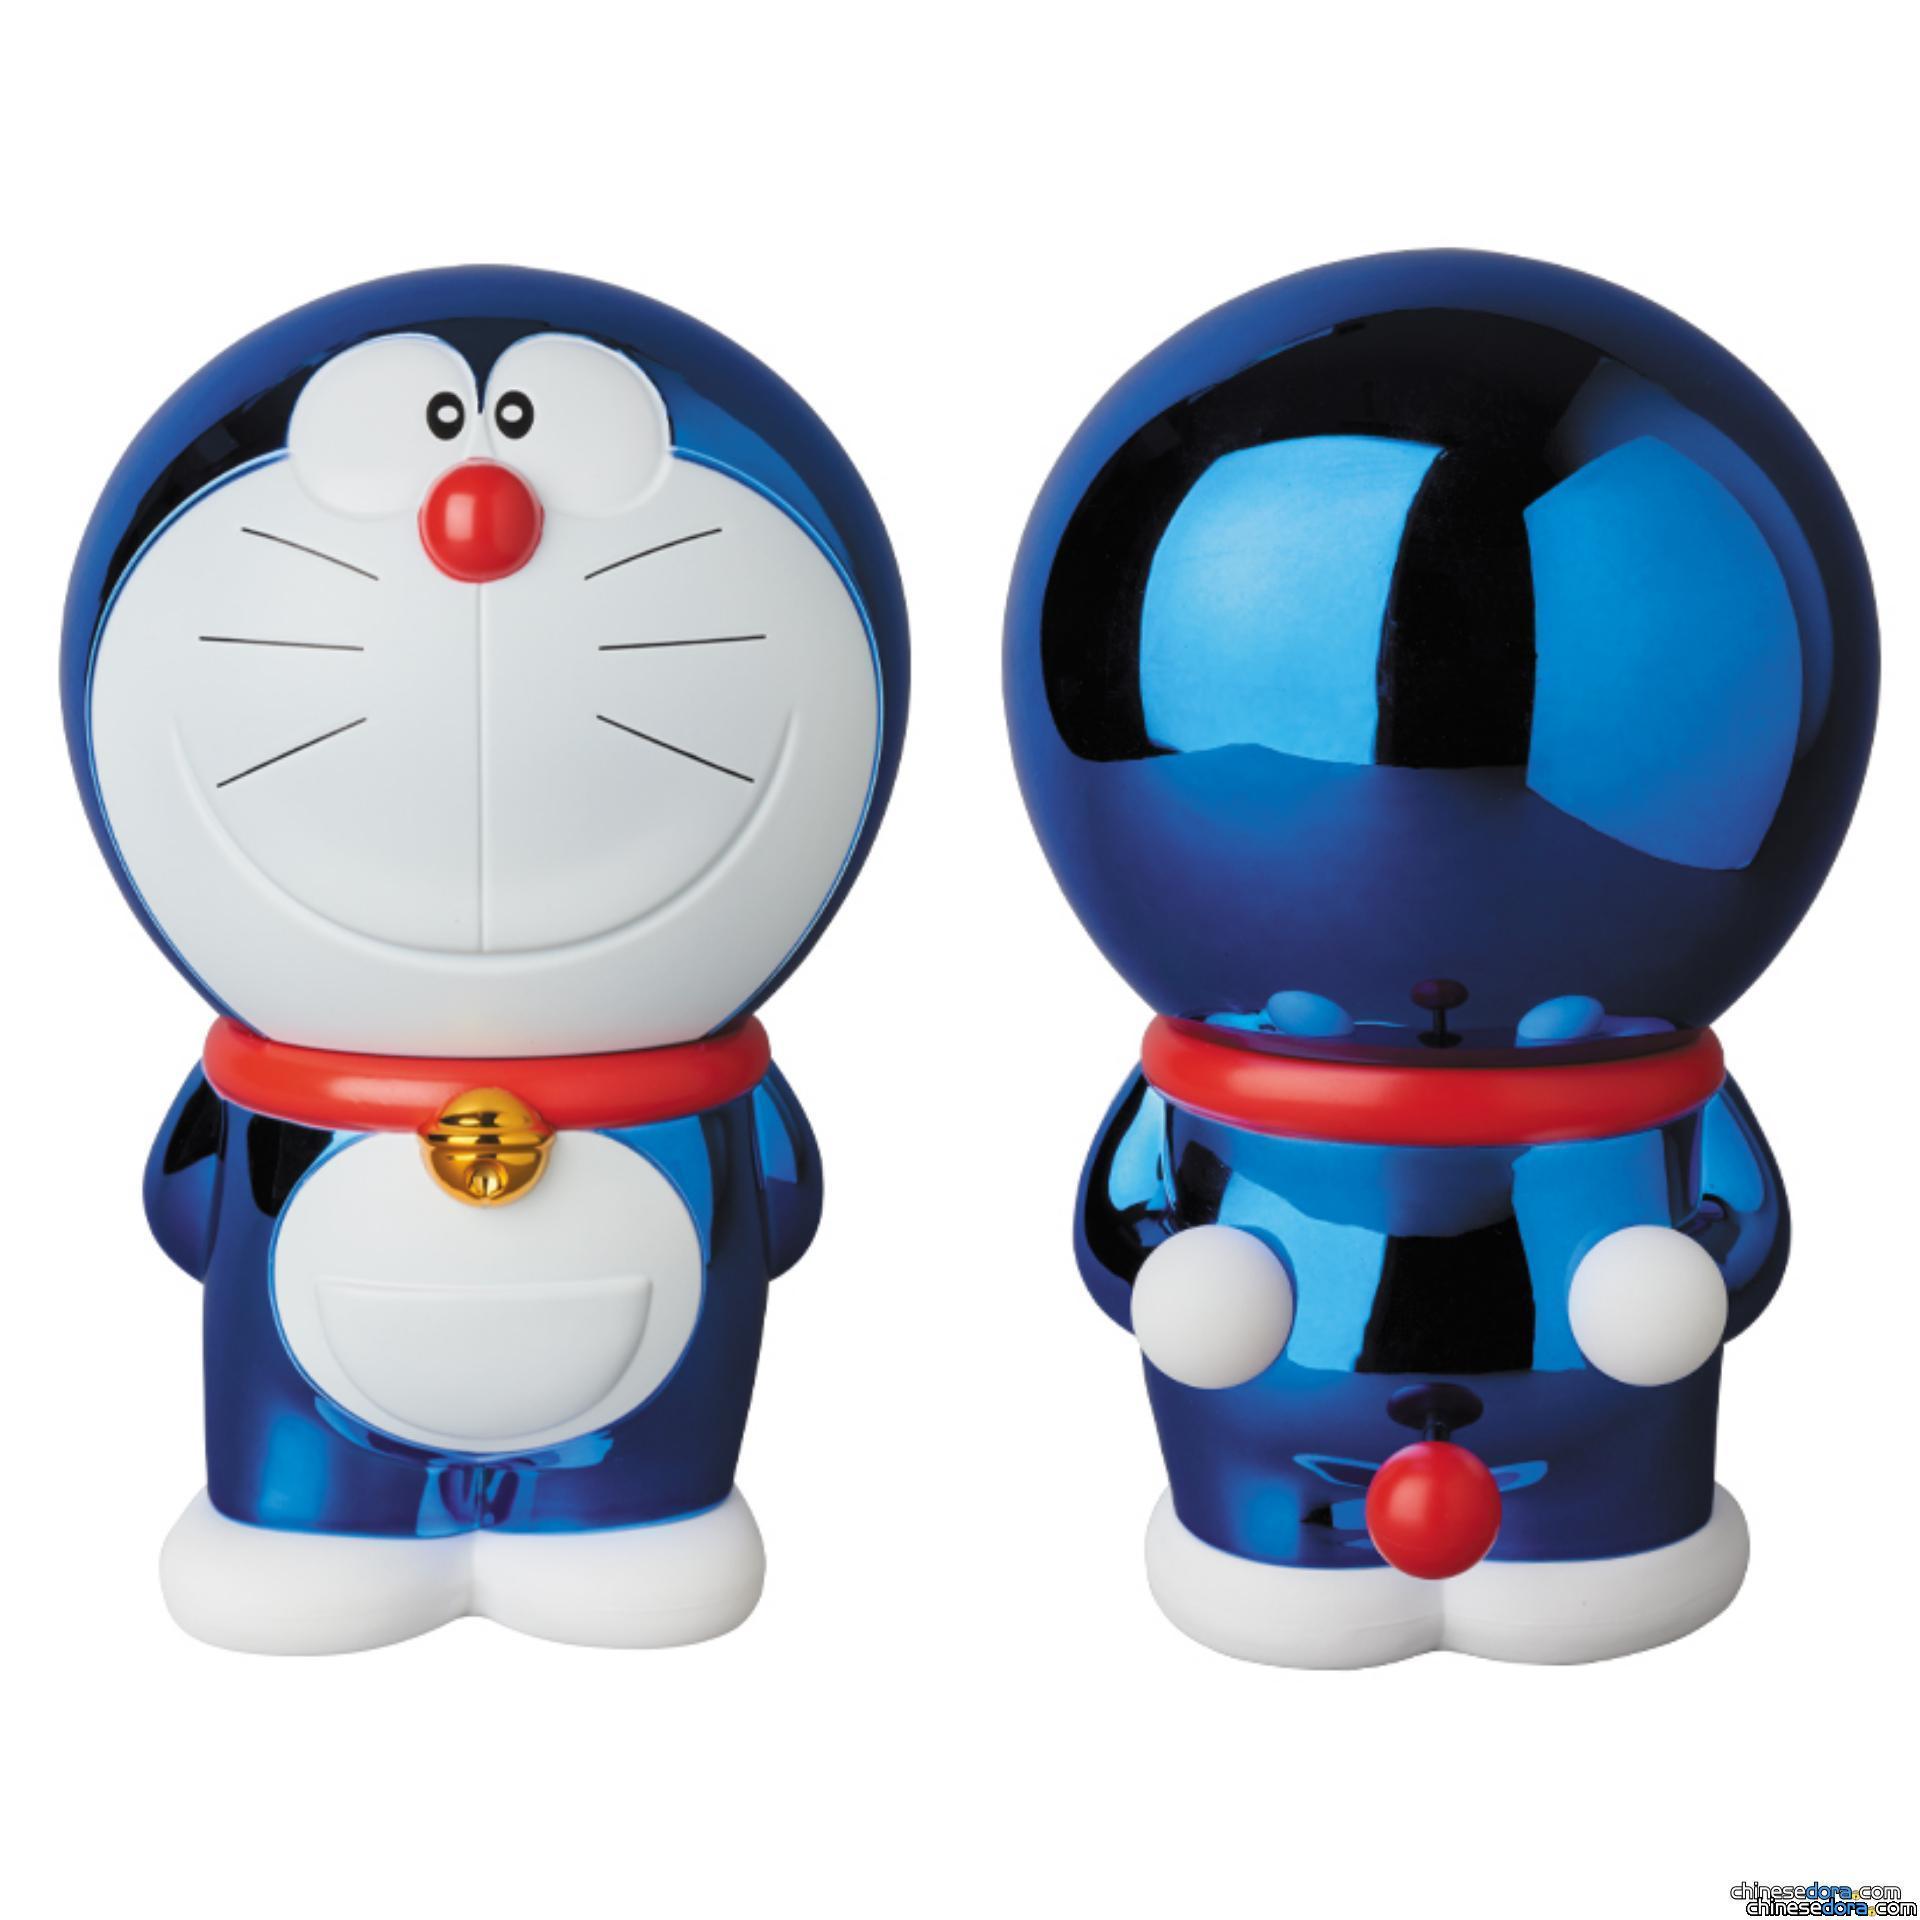 [日本] 藤子博物館限定!哆啦A夢閃亮版UDF以及VCD預計12月同步發售!